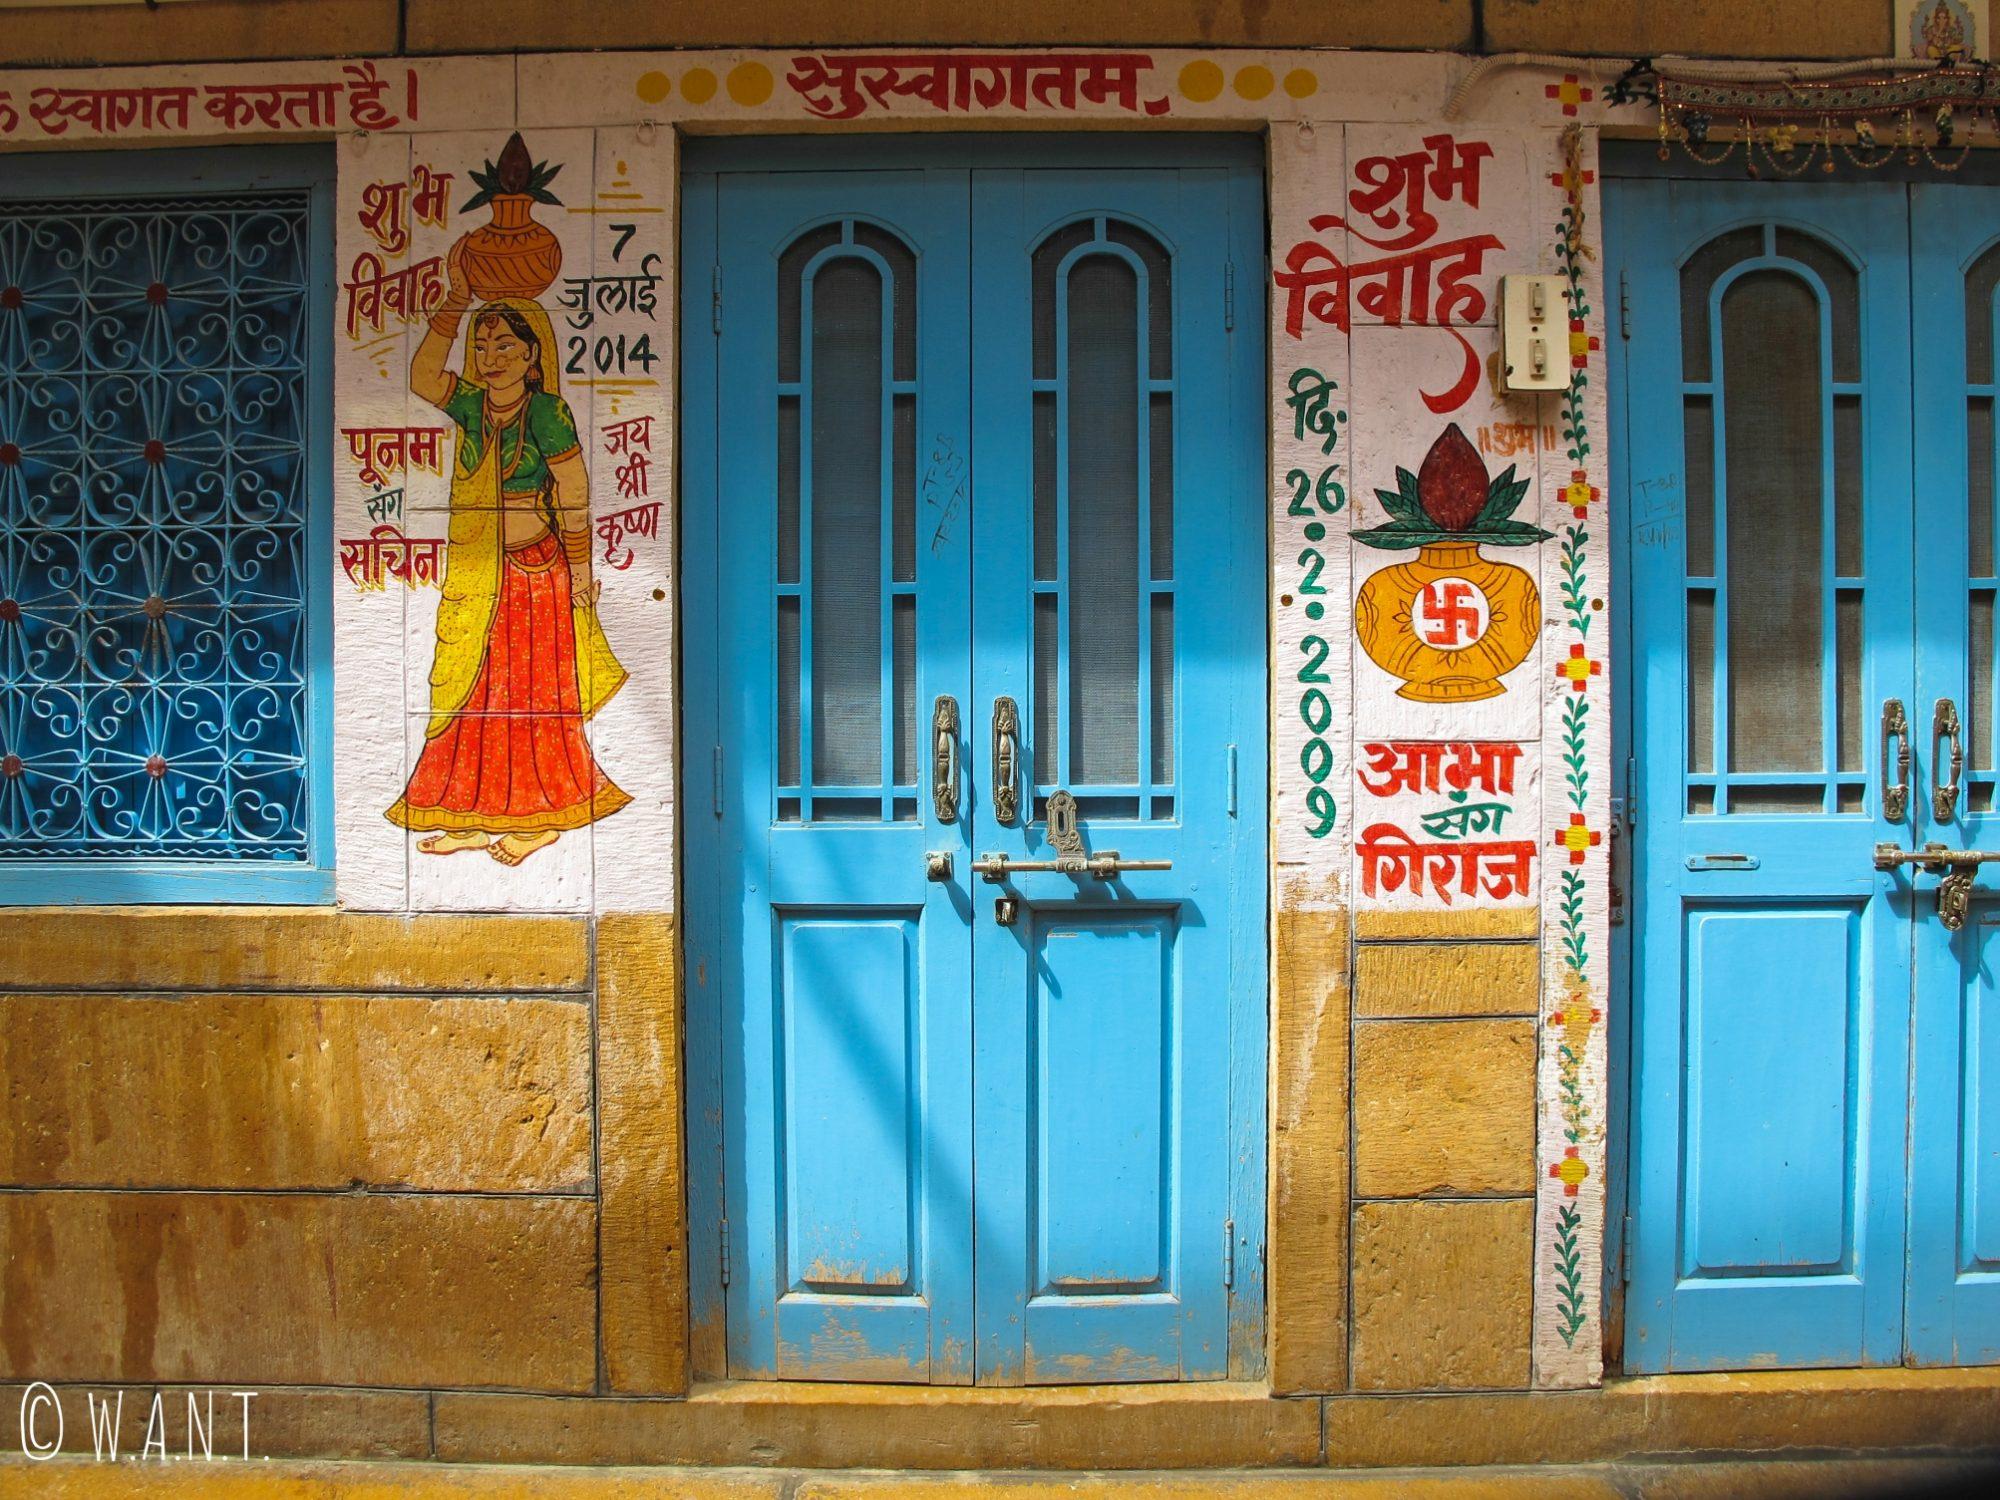 Peinture représentant une femme porteuse d'eau à l'entrée d'une maison dans les rues de Jaisalmer